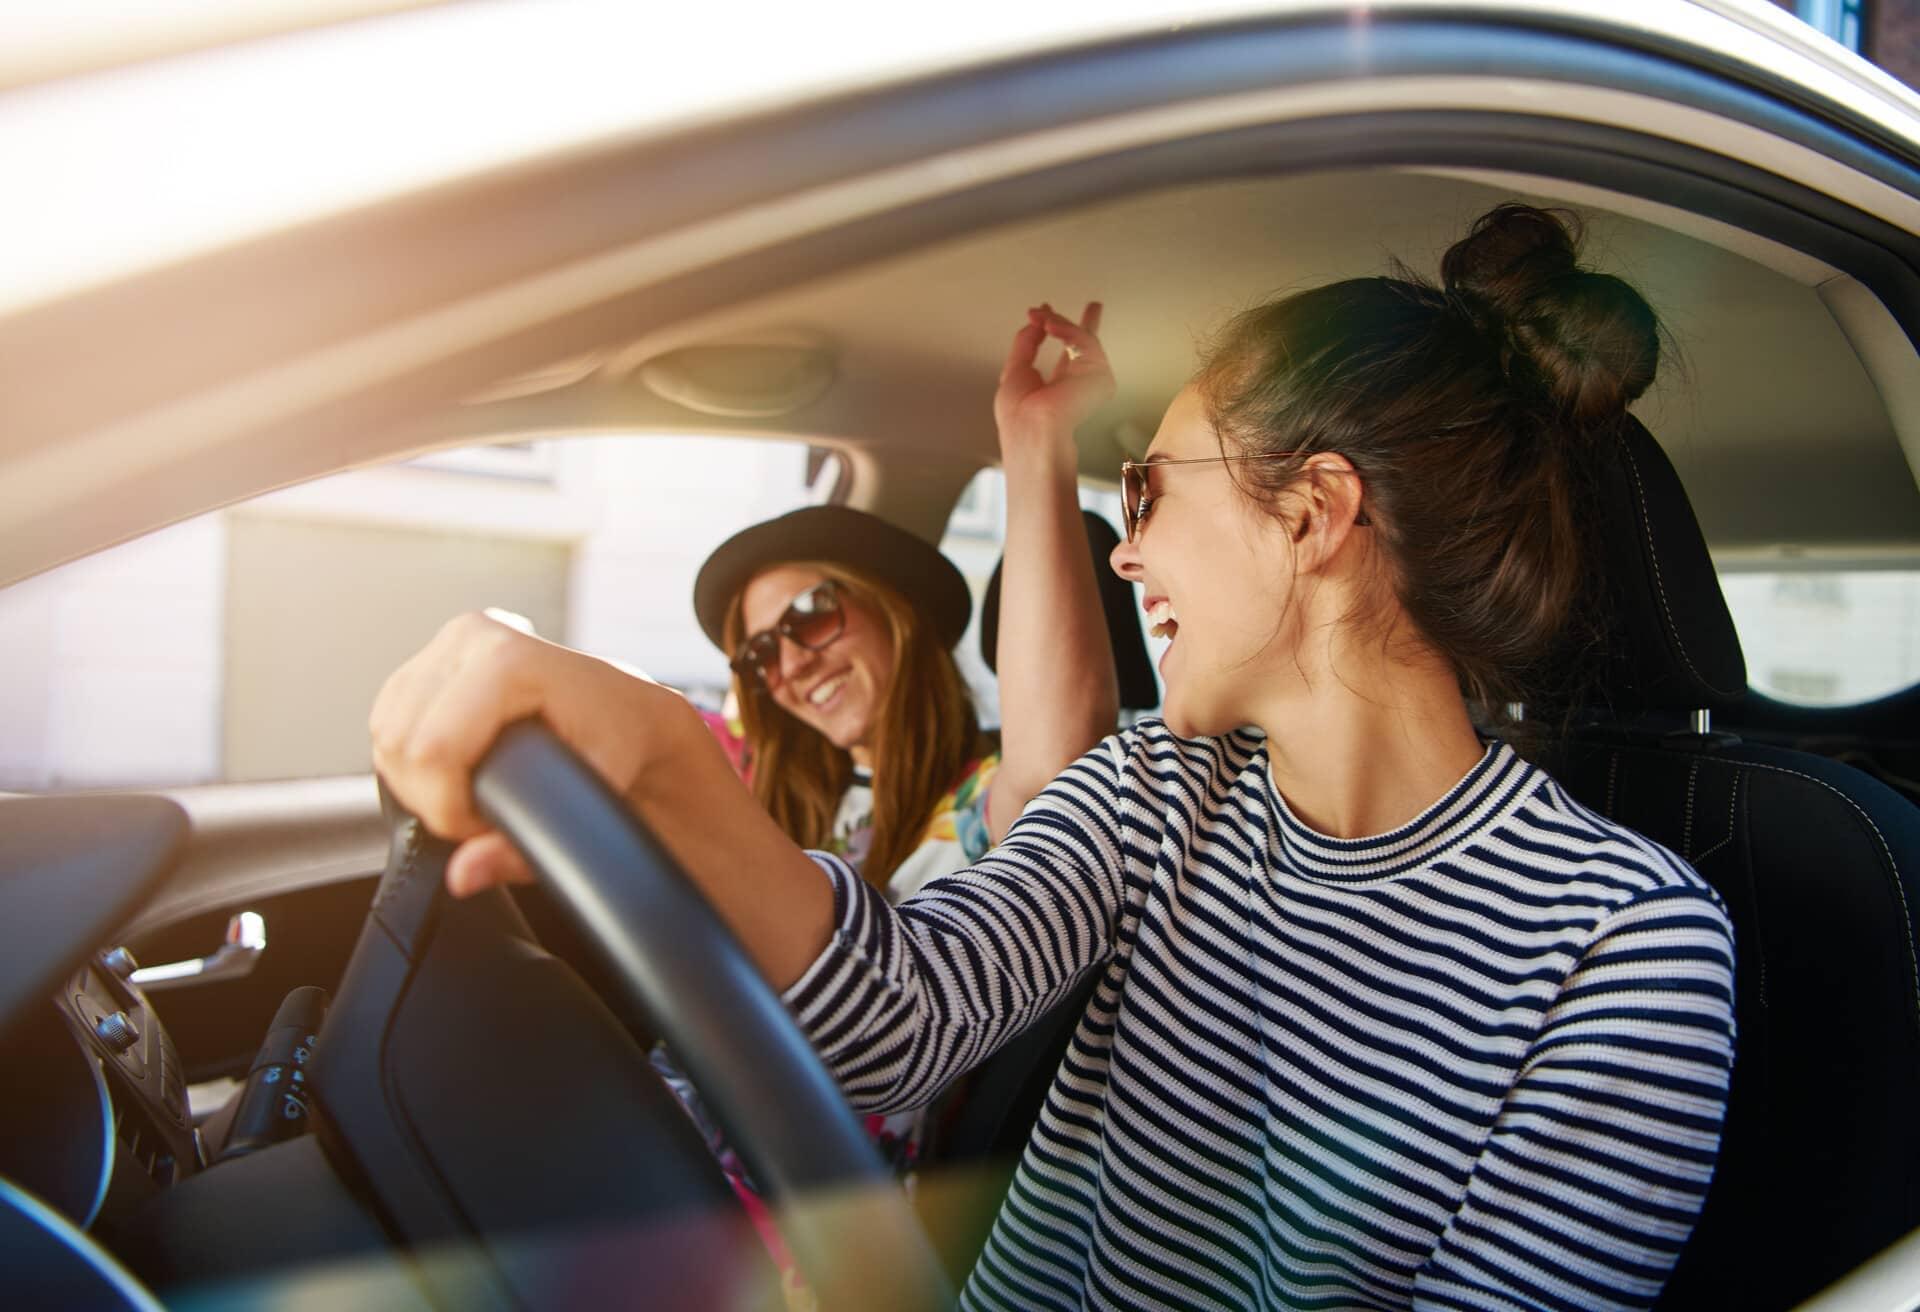 Freundinnen und Freunde, die während eines Roadtrips Spaß haben.